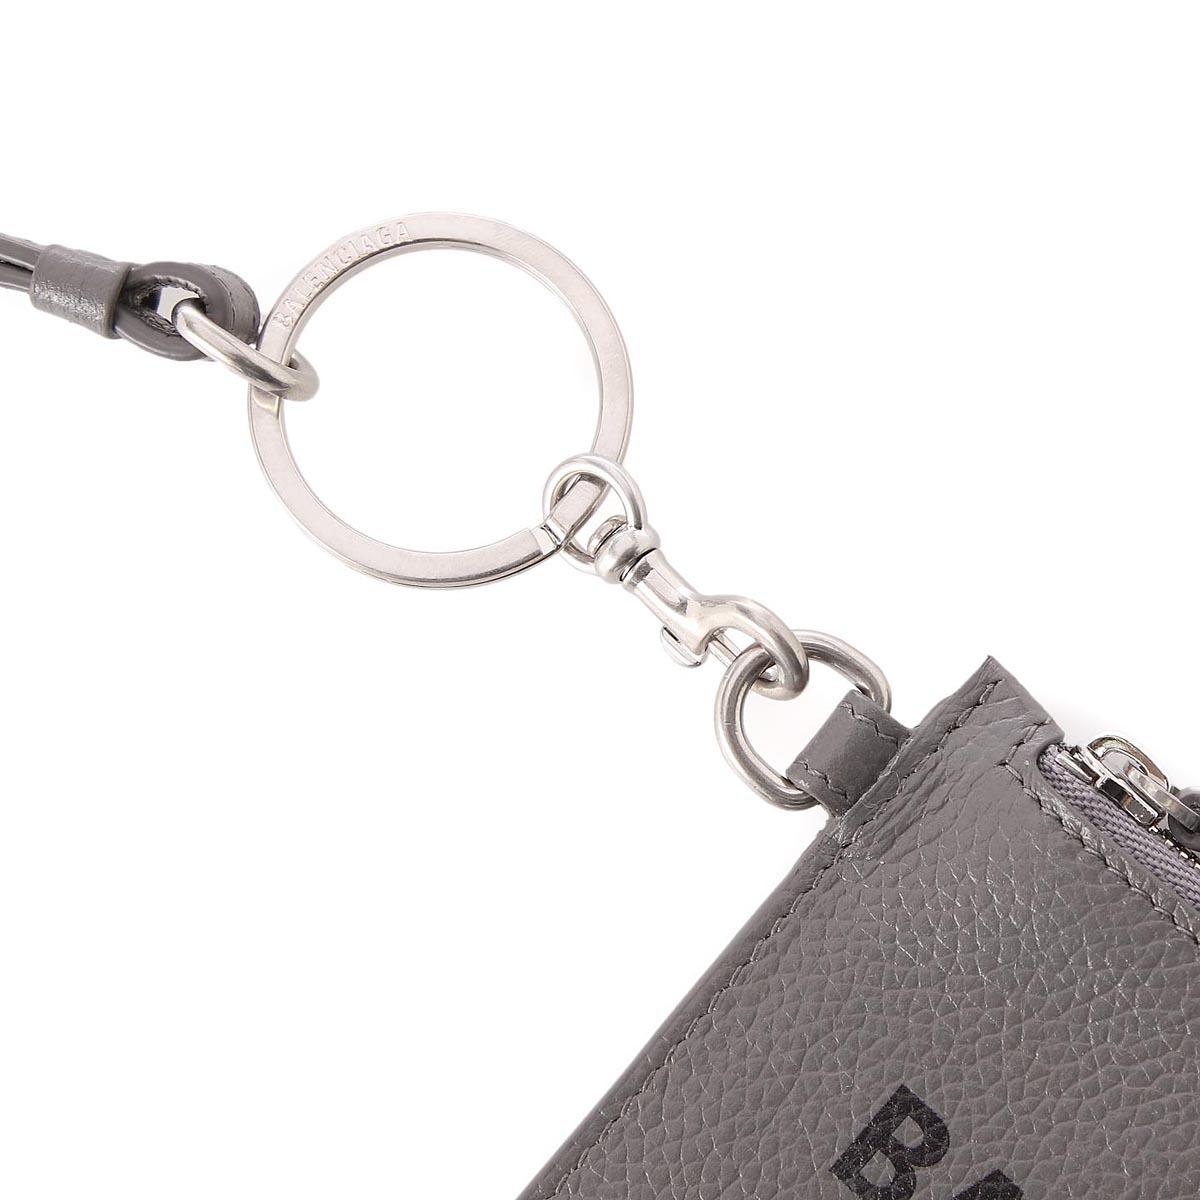 【タイムセール ACCS】BALENCIAGA バレンシアガ カードケース/CASH メンズ